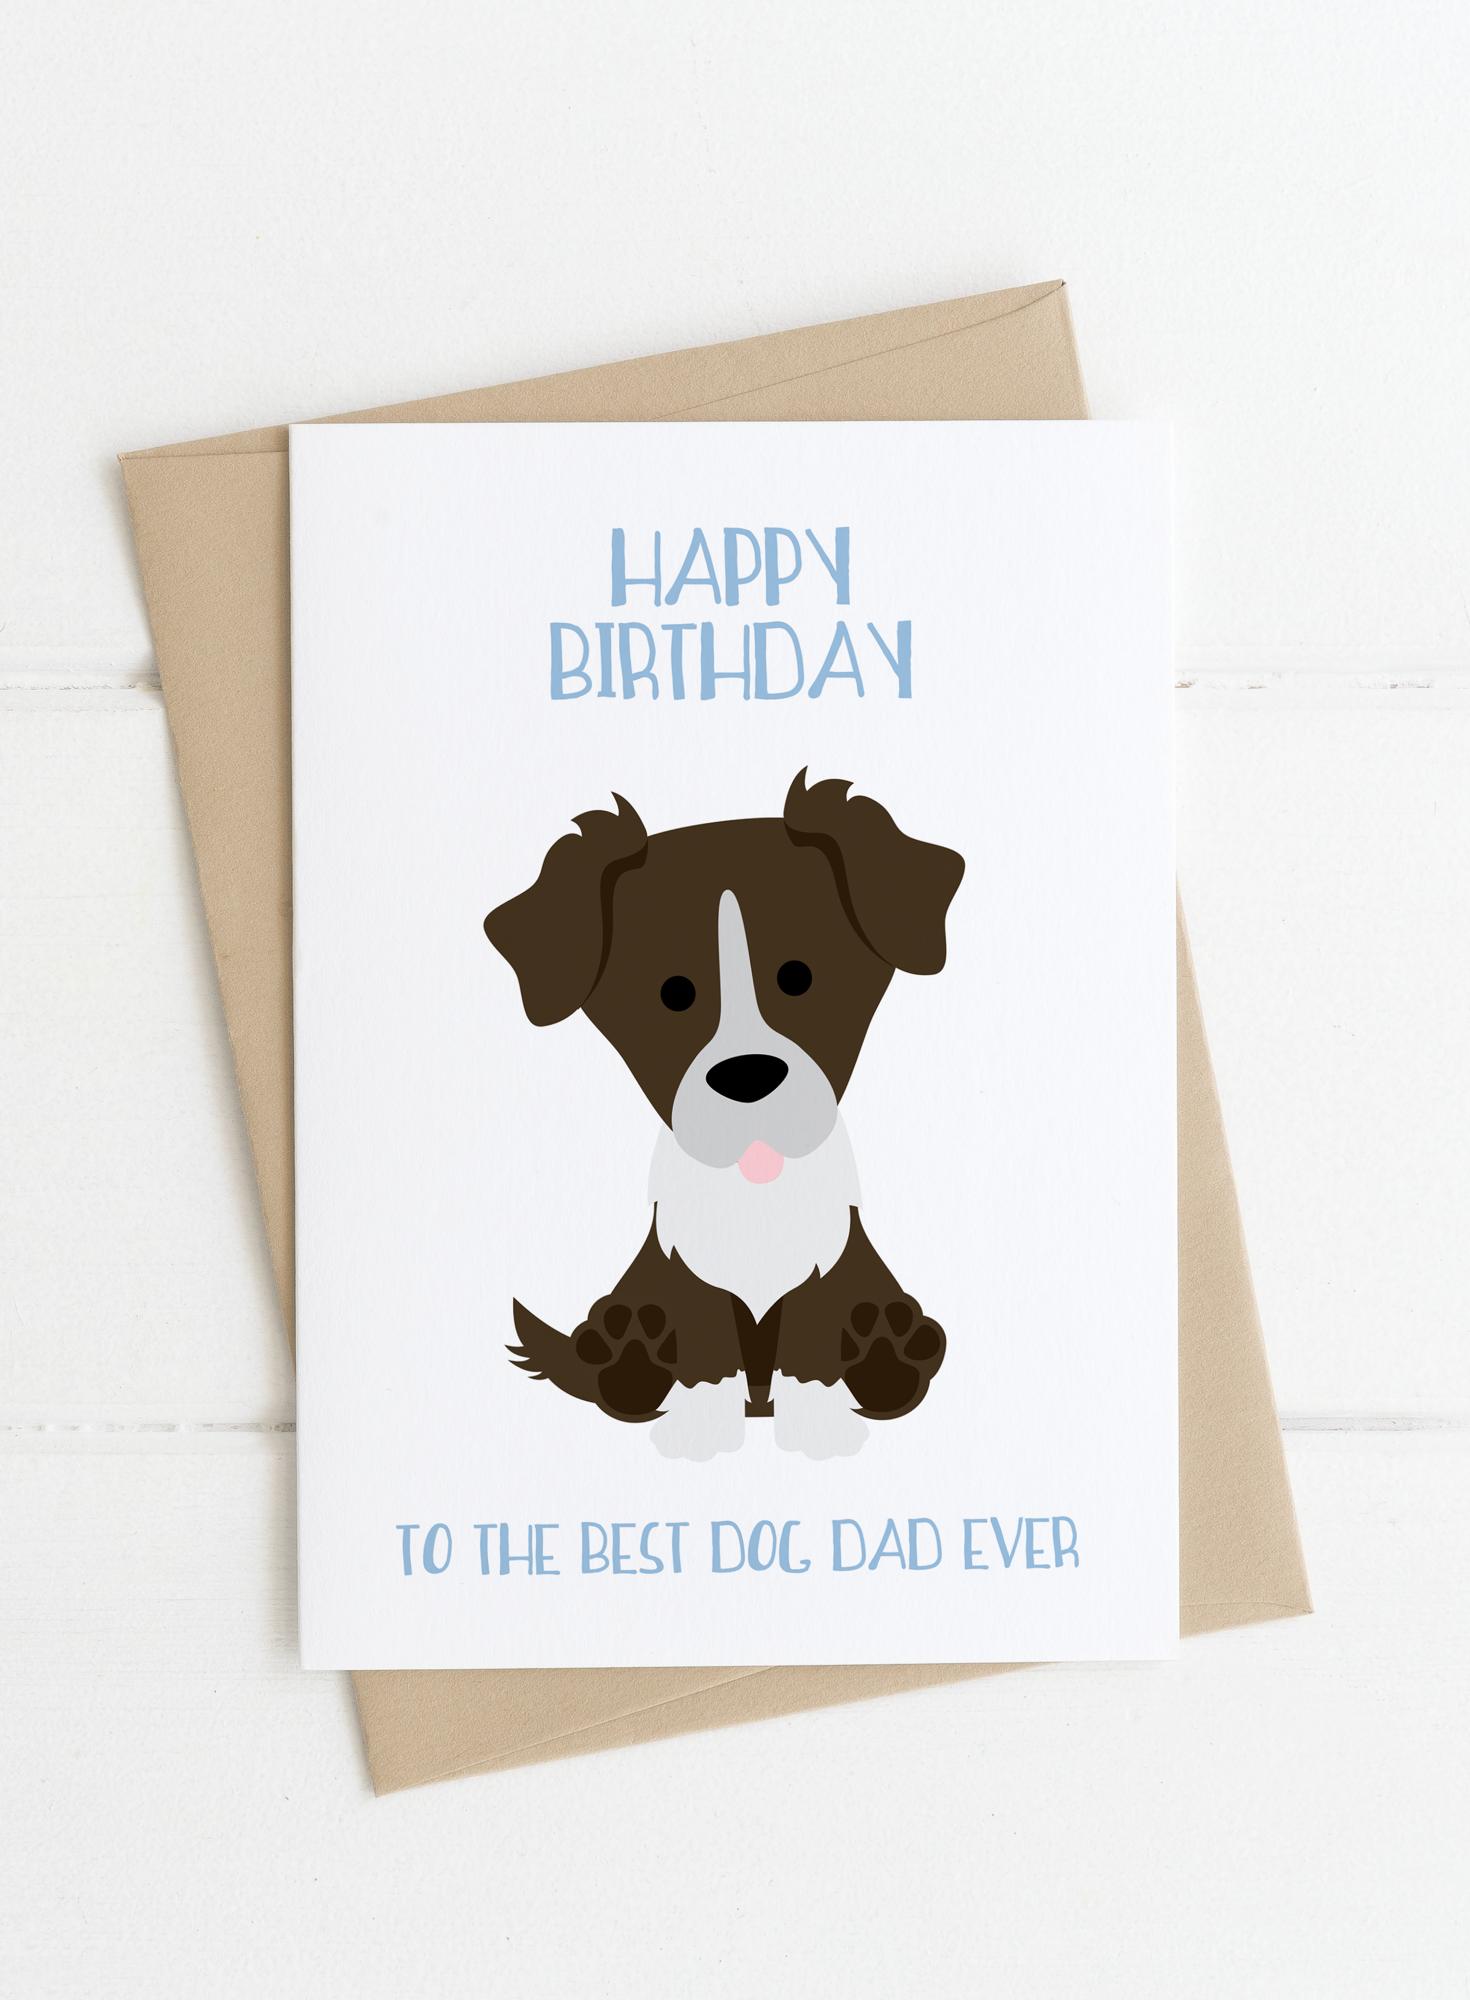 Dog Dad Birthday Card